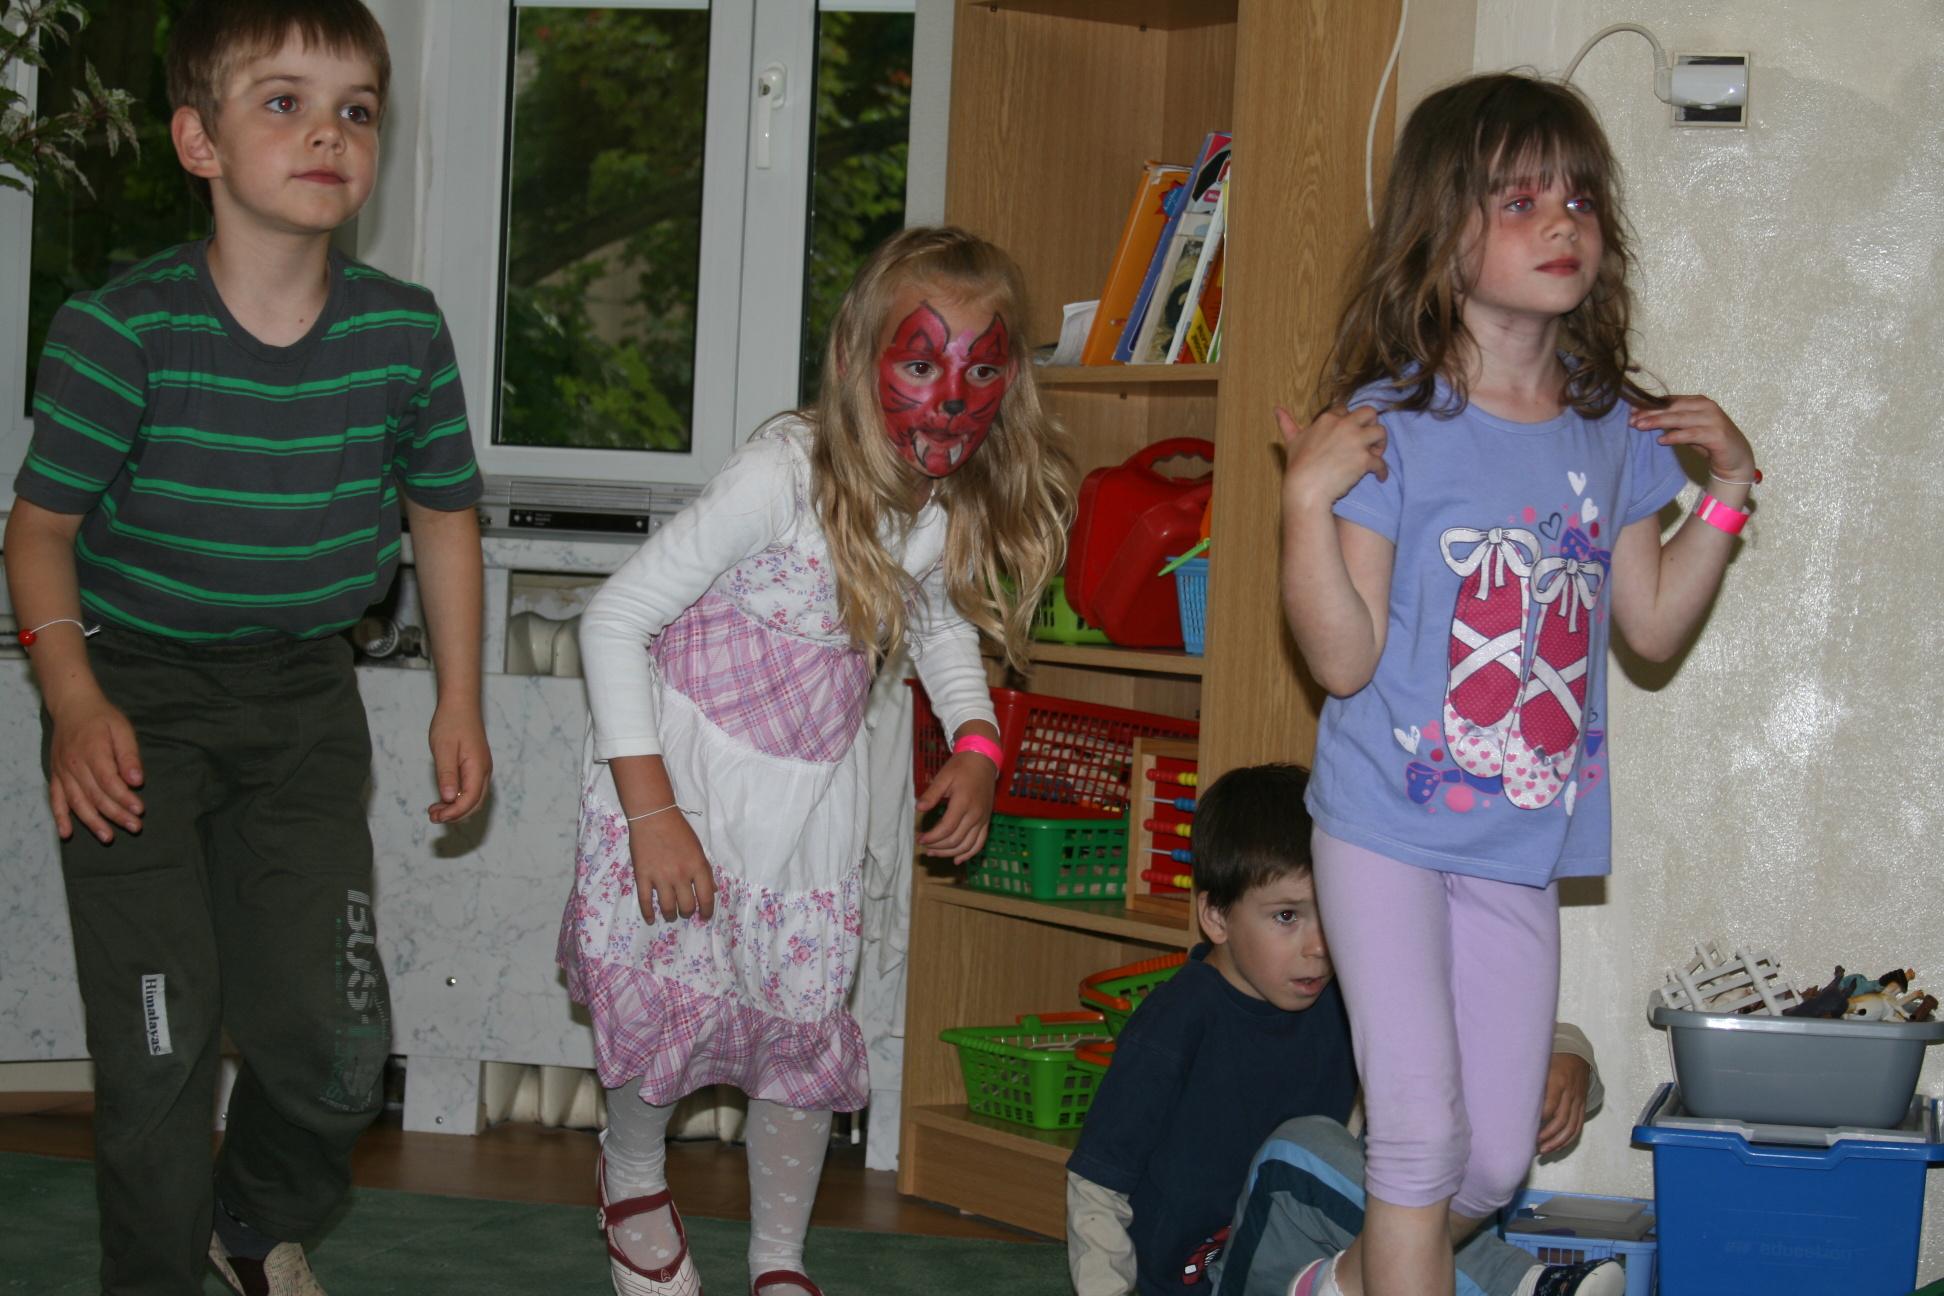 Děti vyzvedli rodiče zážitků na vyprávění měly děti víc